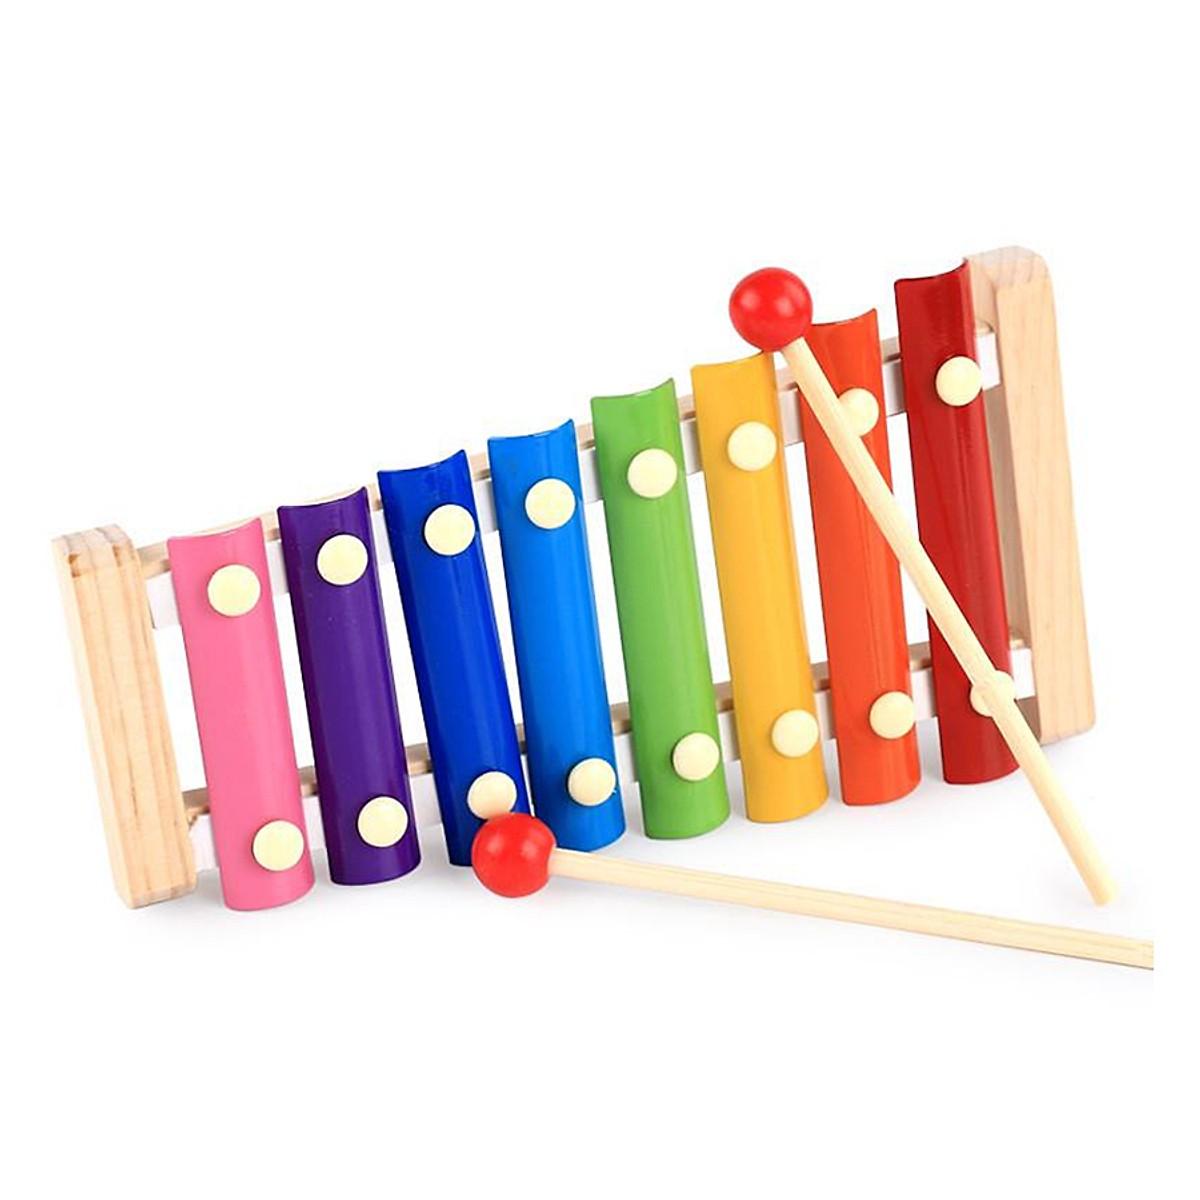 Bộ đồ chơi gỗ đa năng cho bé gồm đàn gỗ, sâu gỗ, tháp cầu vồng, luồn hạt GT